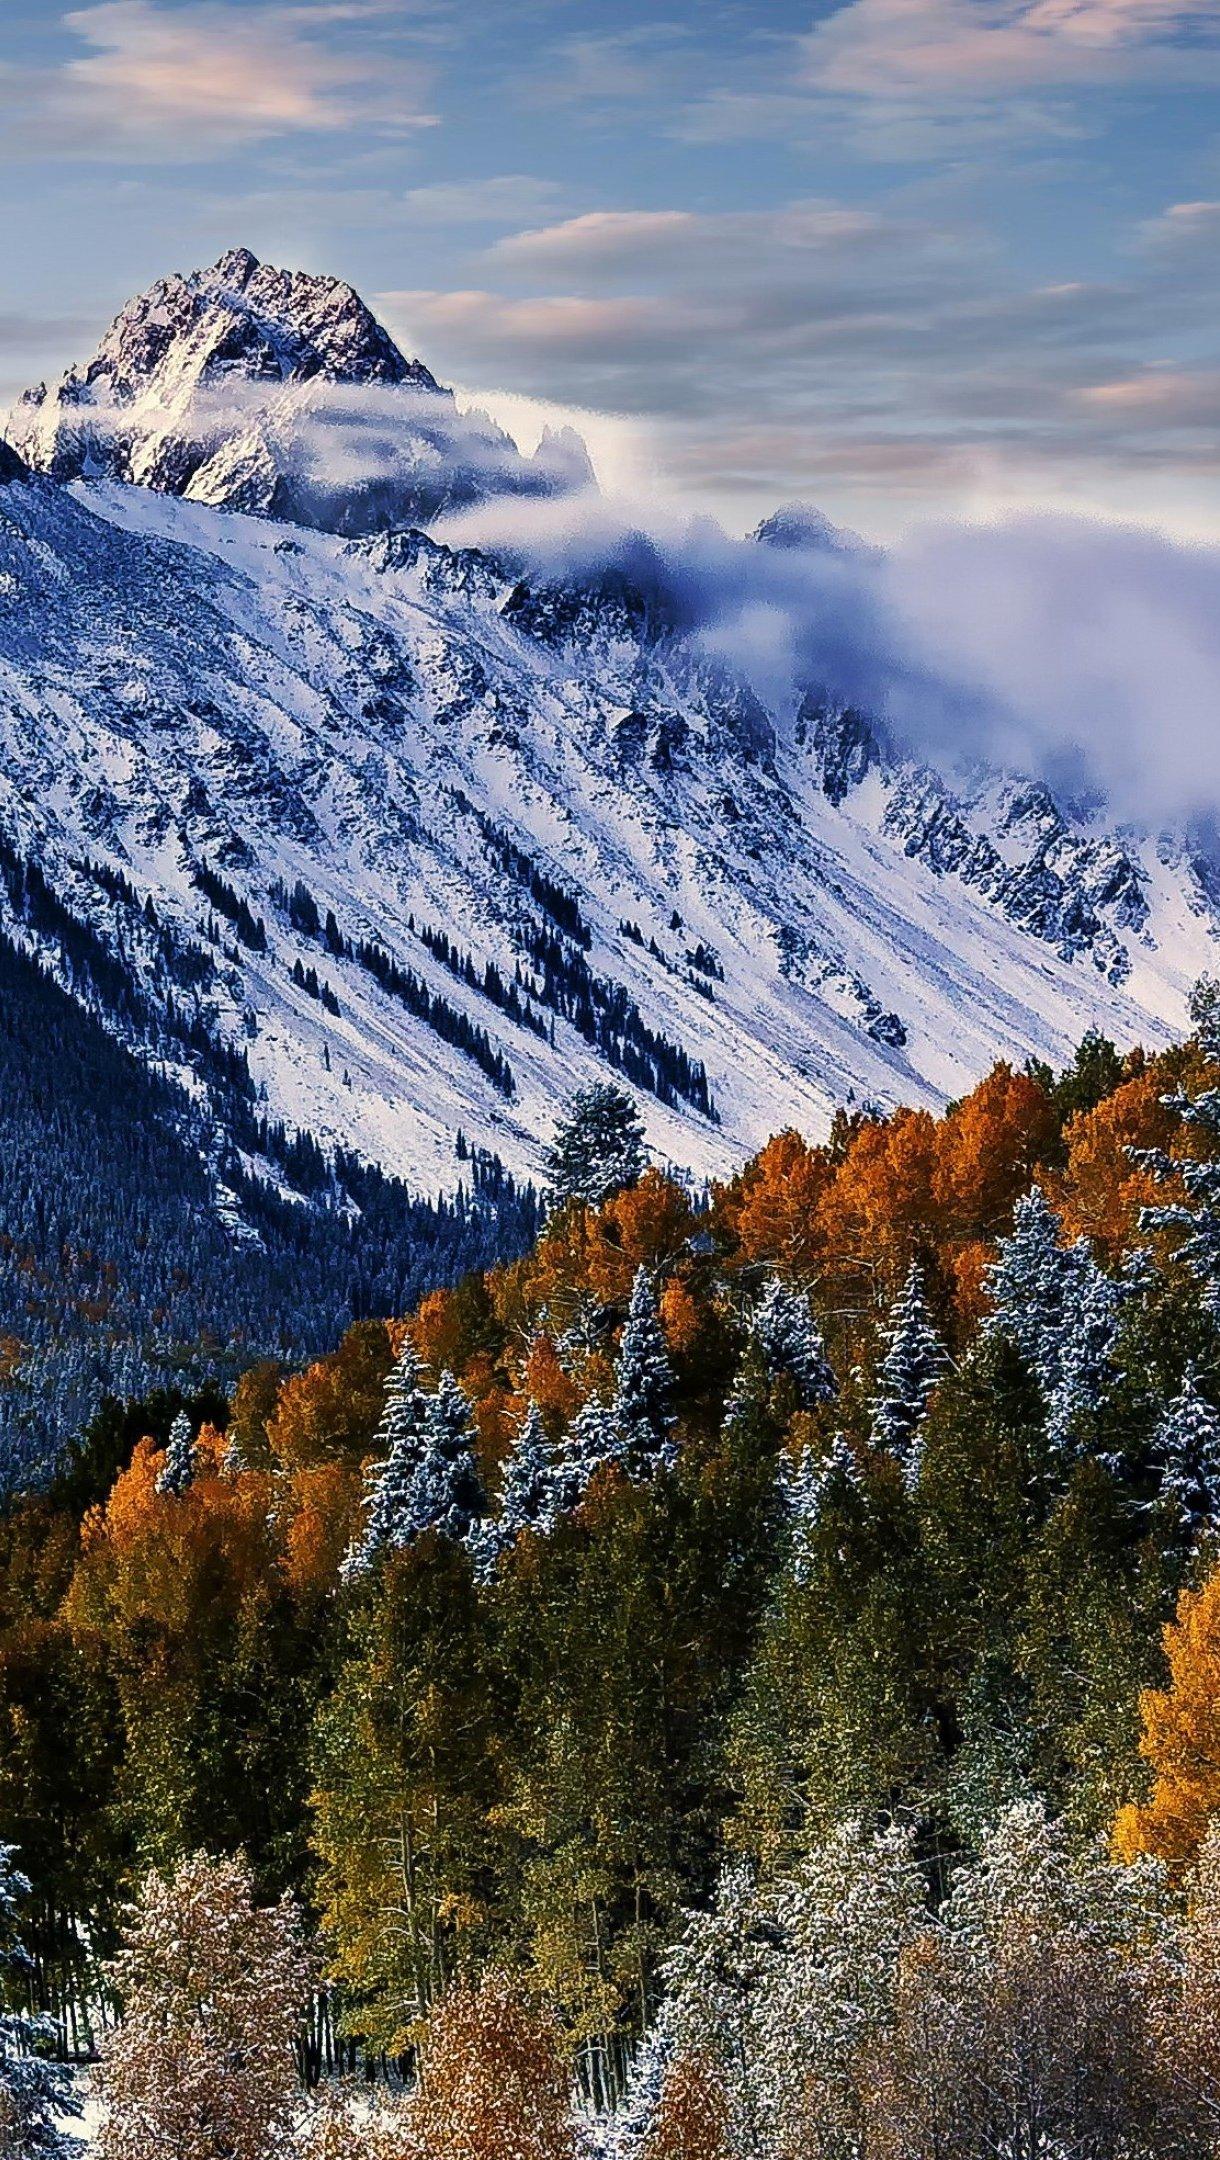 Fondos de pantalla Montañas en el bosque Sneffels Vertical